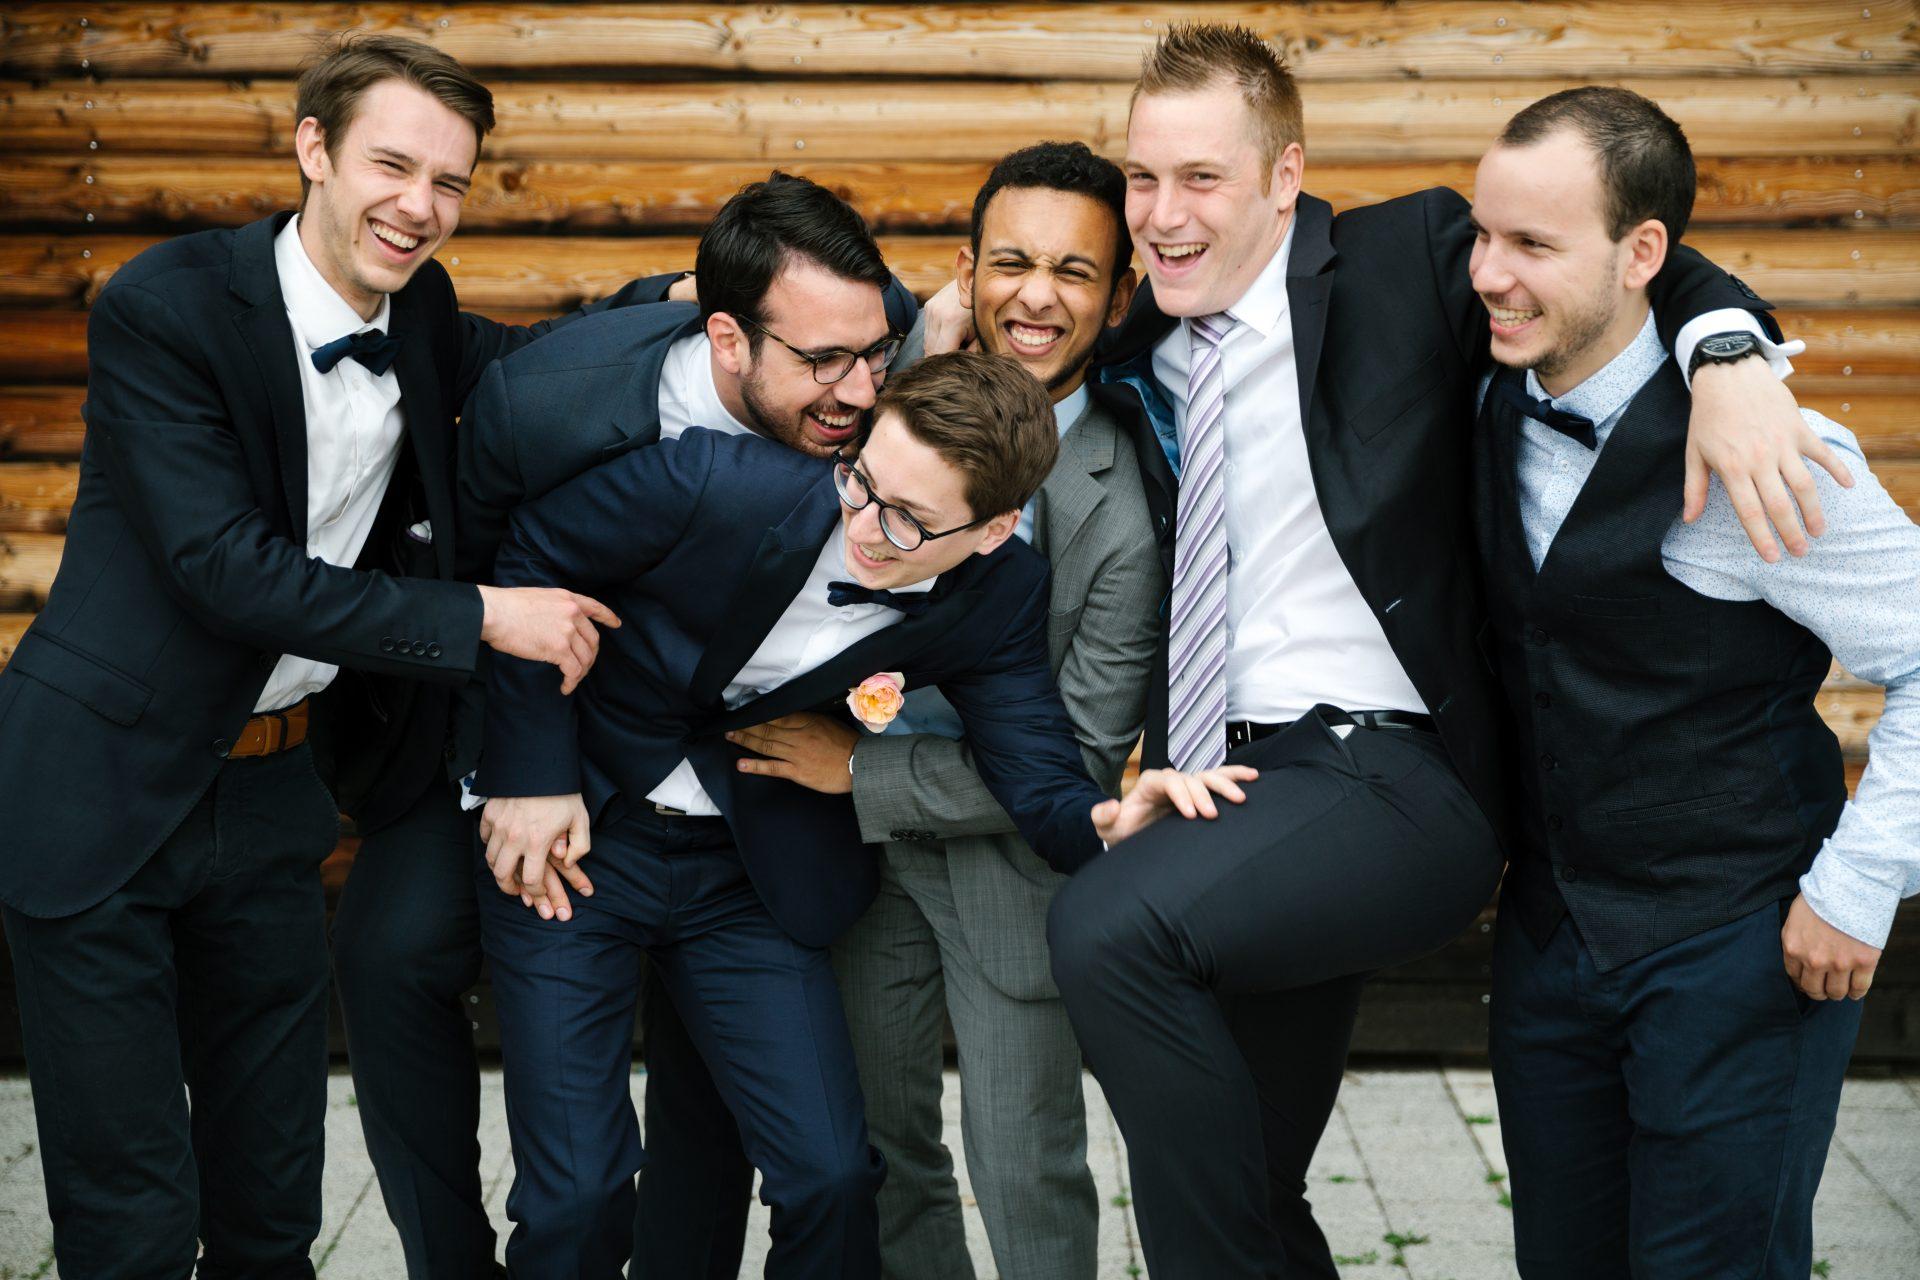 credit Maxime FAURY.jpg copie 6 - Interview de Maxime Faury - Photographe de Mariage en Alsace - Wedding planner - Organisation de Mariage en France, au Luxembourg, en italie, en provence, à la montagne